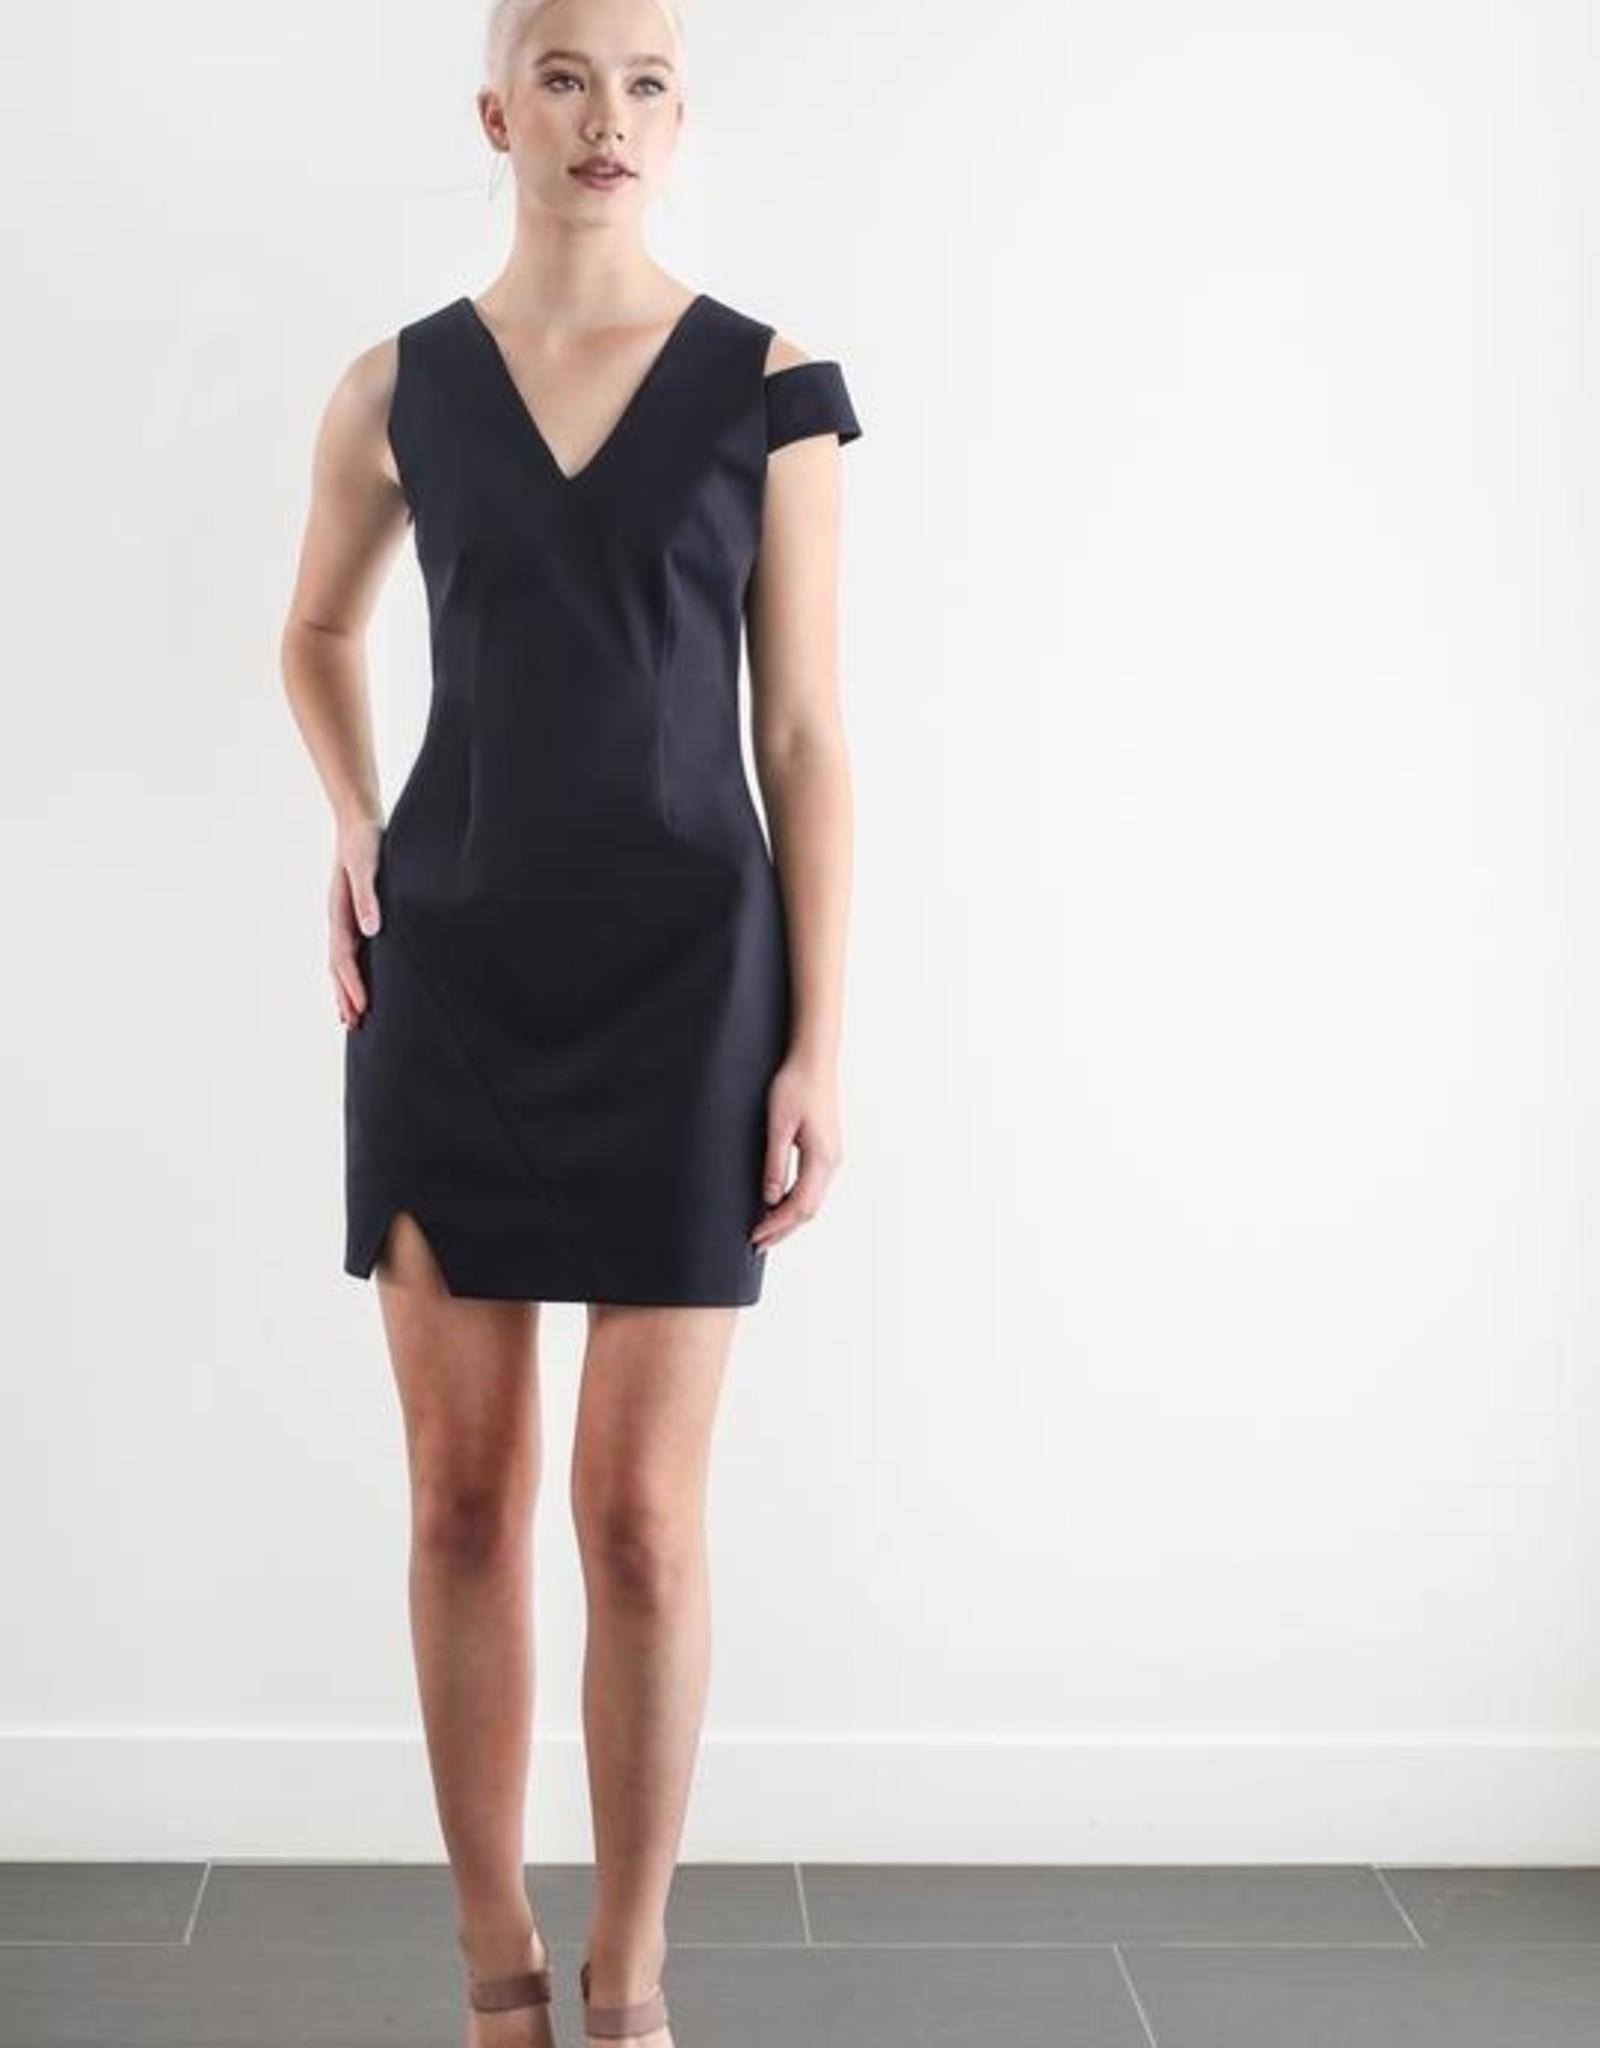 GLENN & GLENN - Eliot Dress